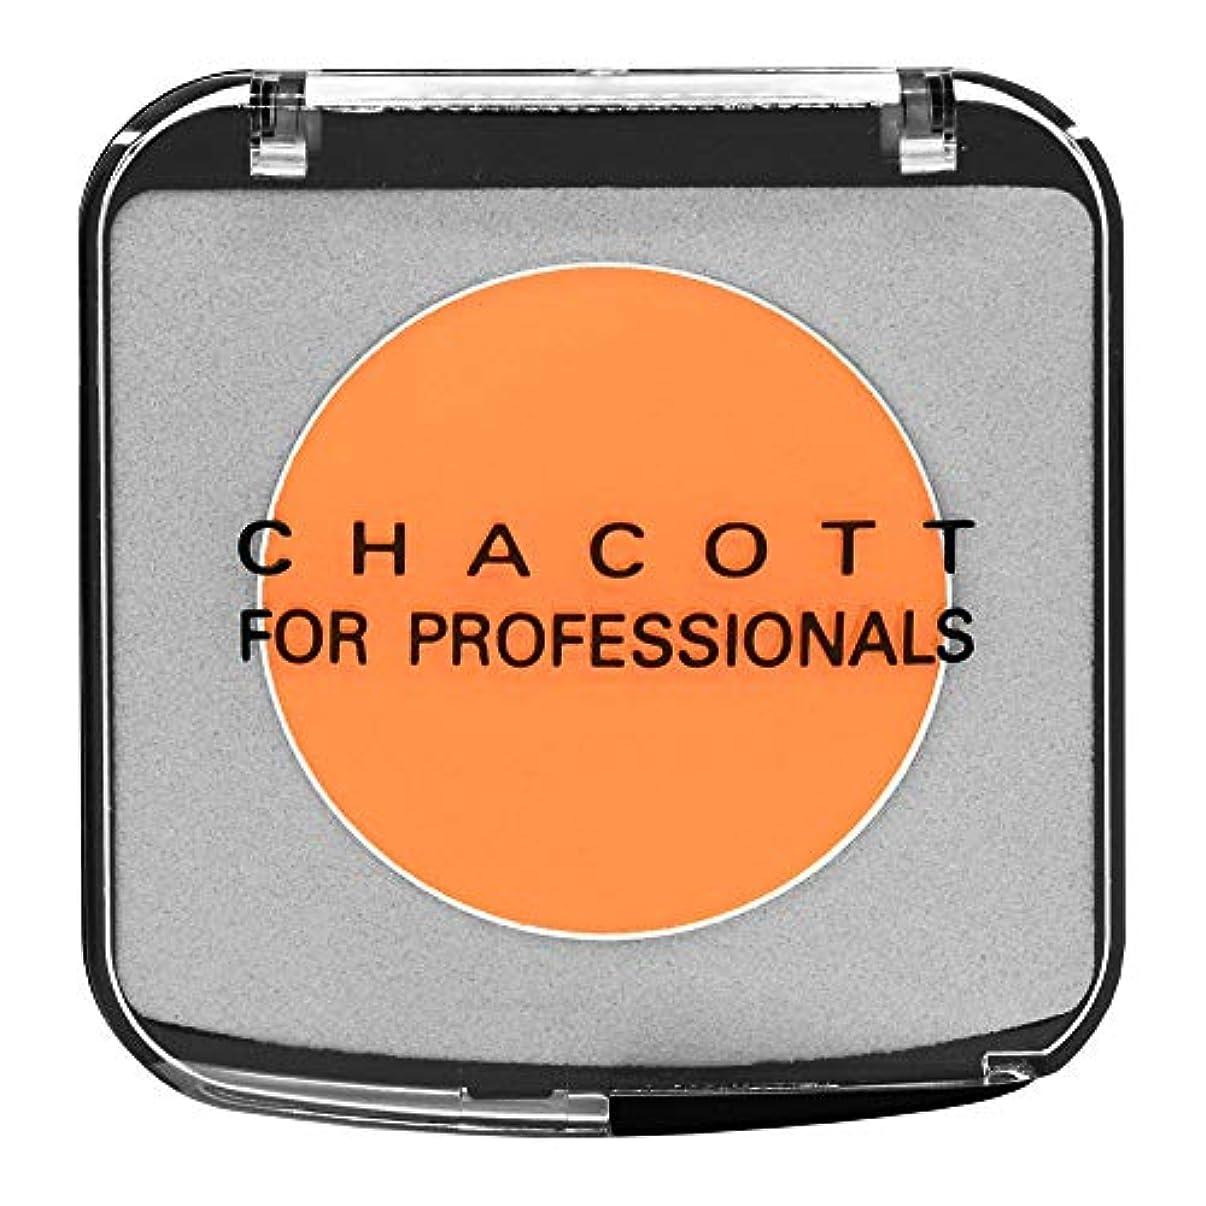 セミナー電池飲料CHACOTT<チャコット> カラーバリエーション 622.オレンジ